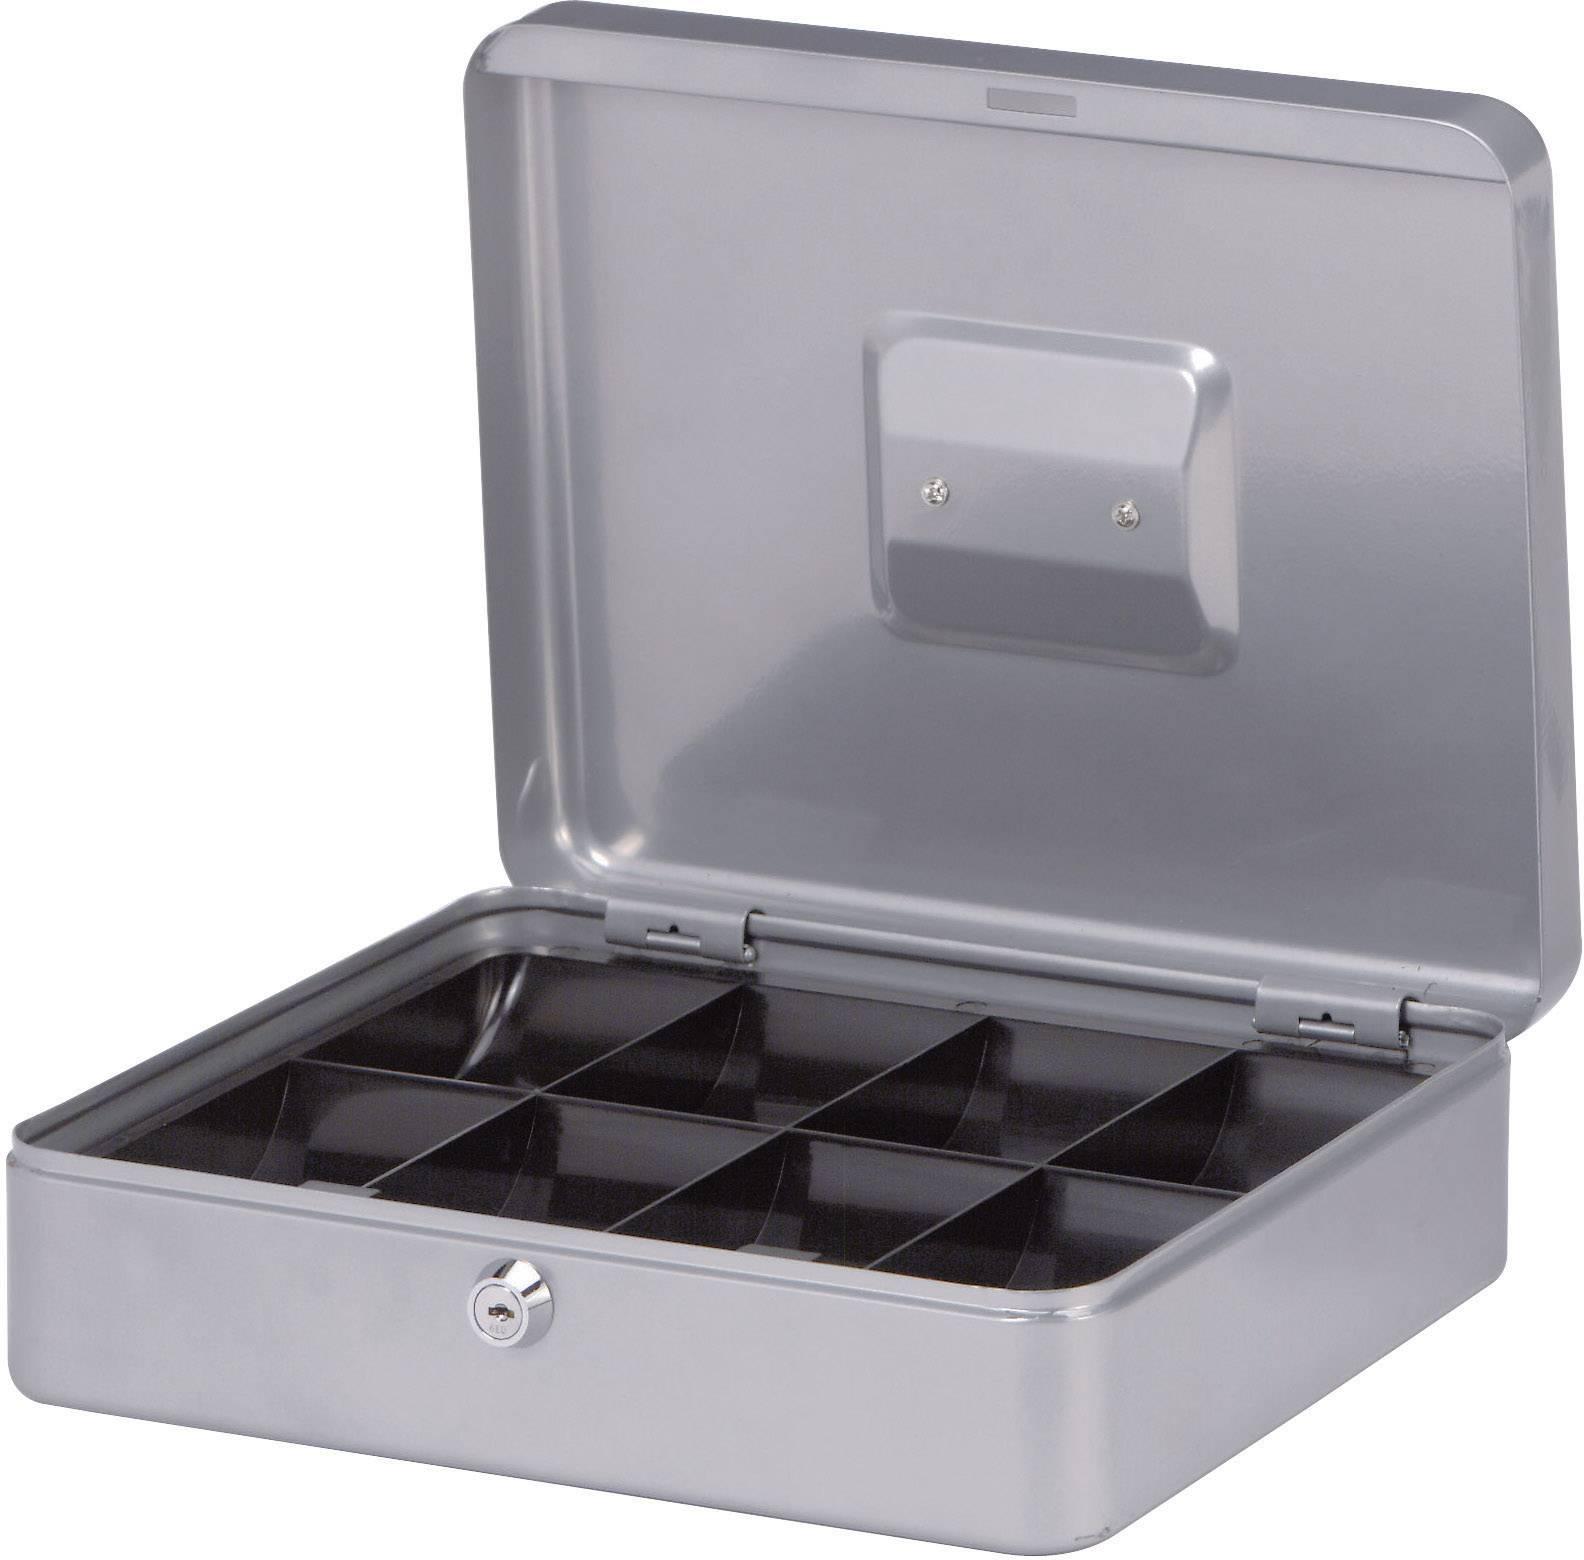 Kufřík na peníze Maul, 30 cm, stříbrná